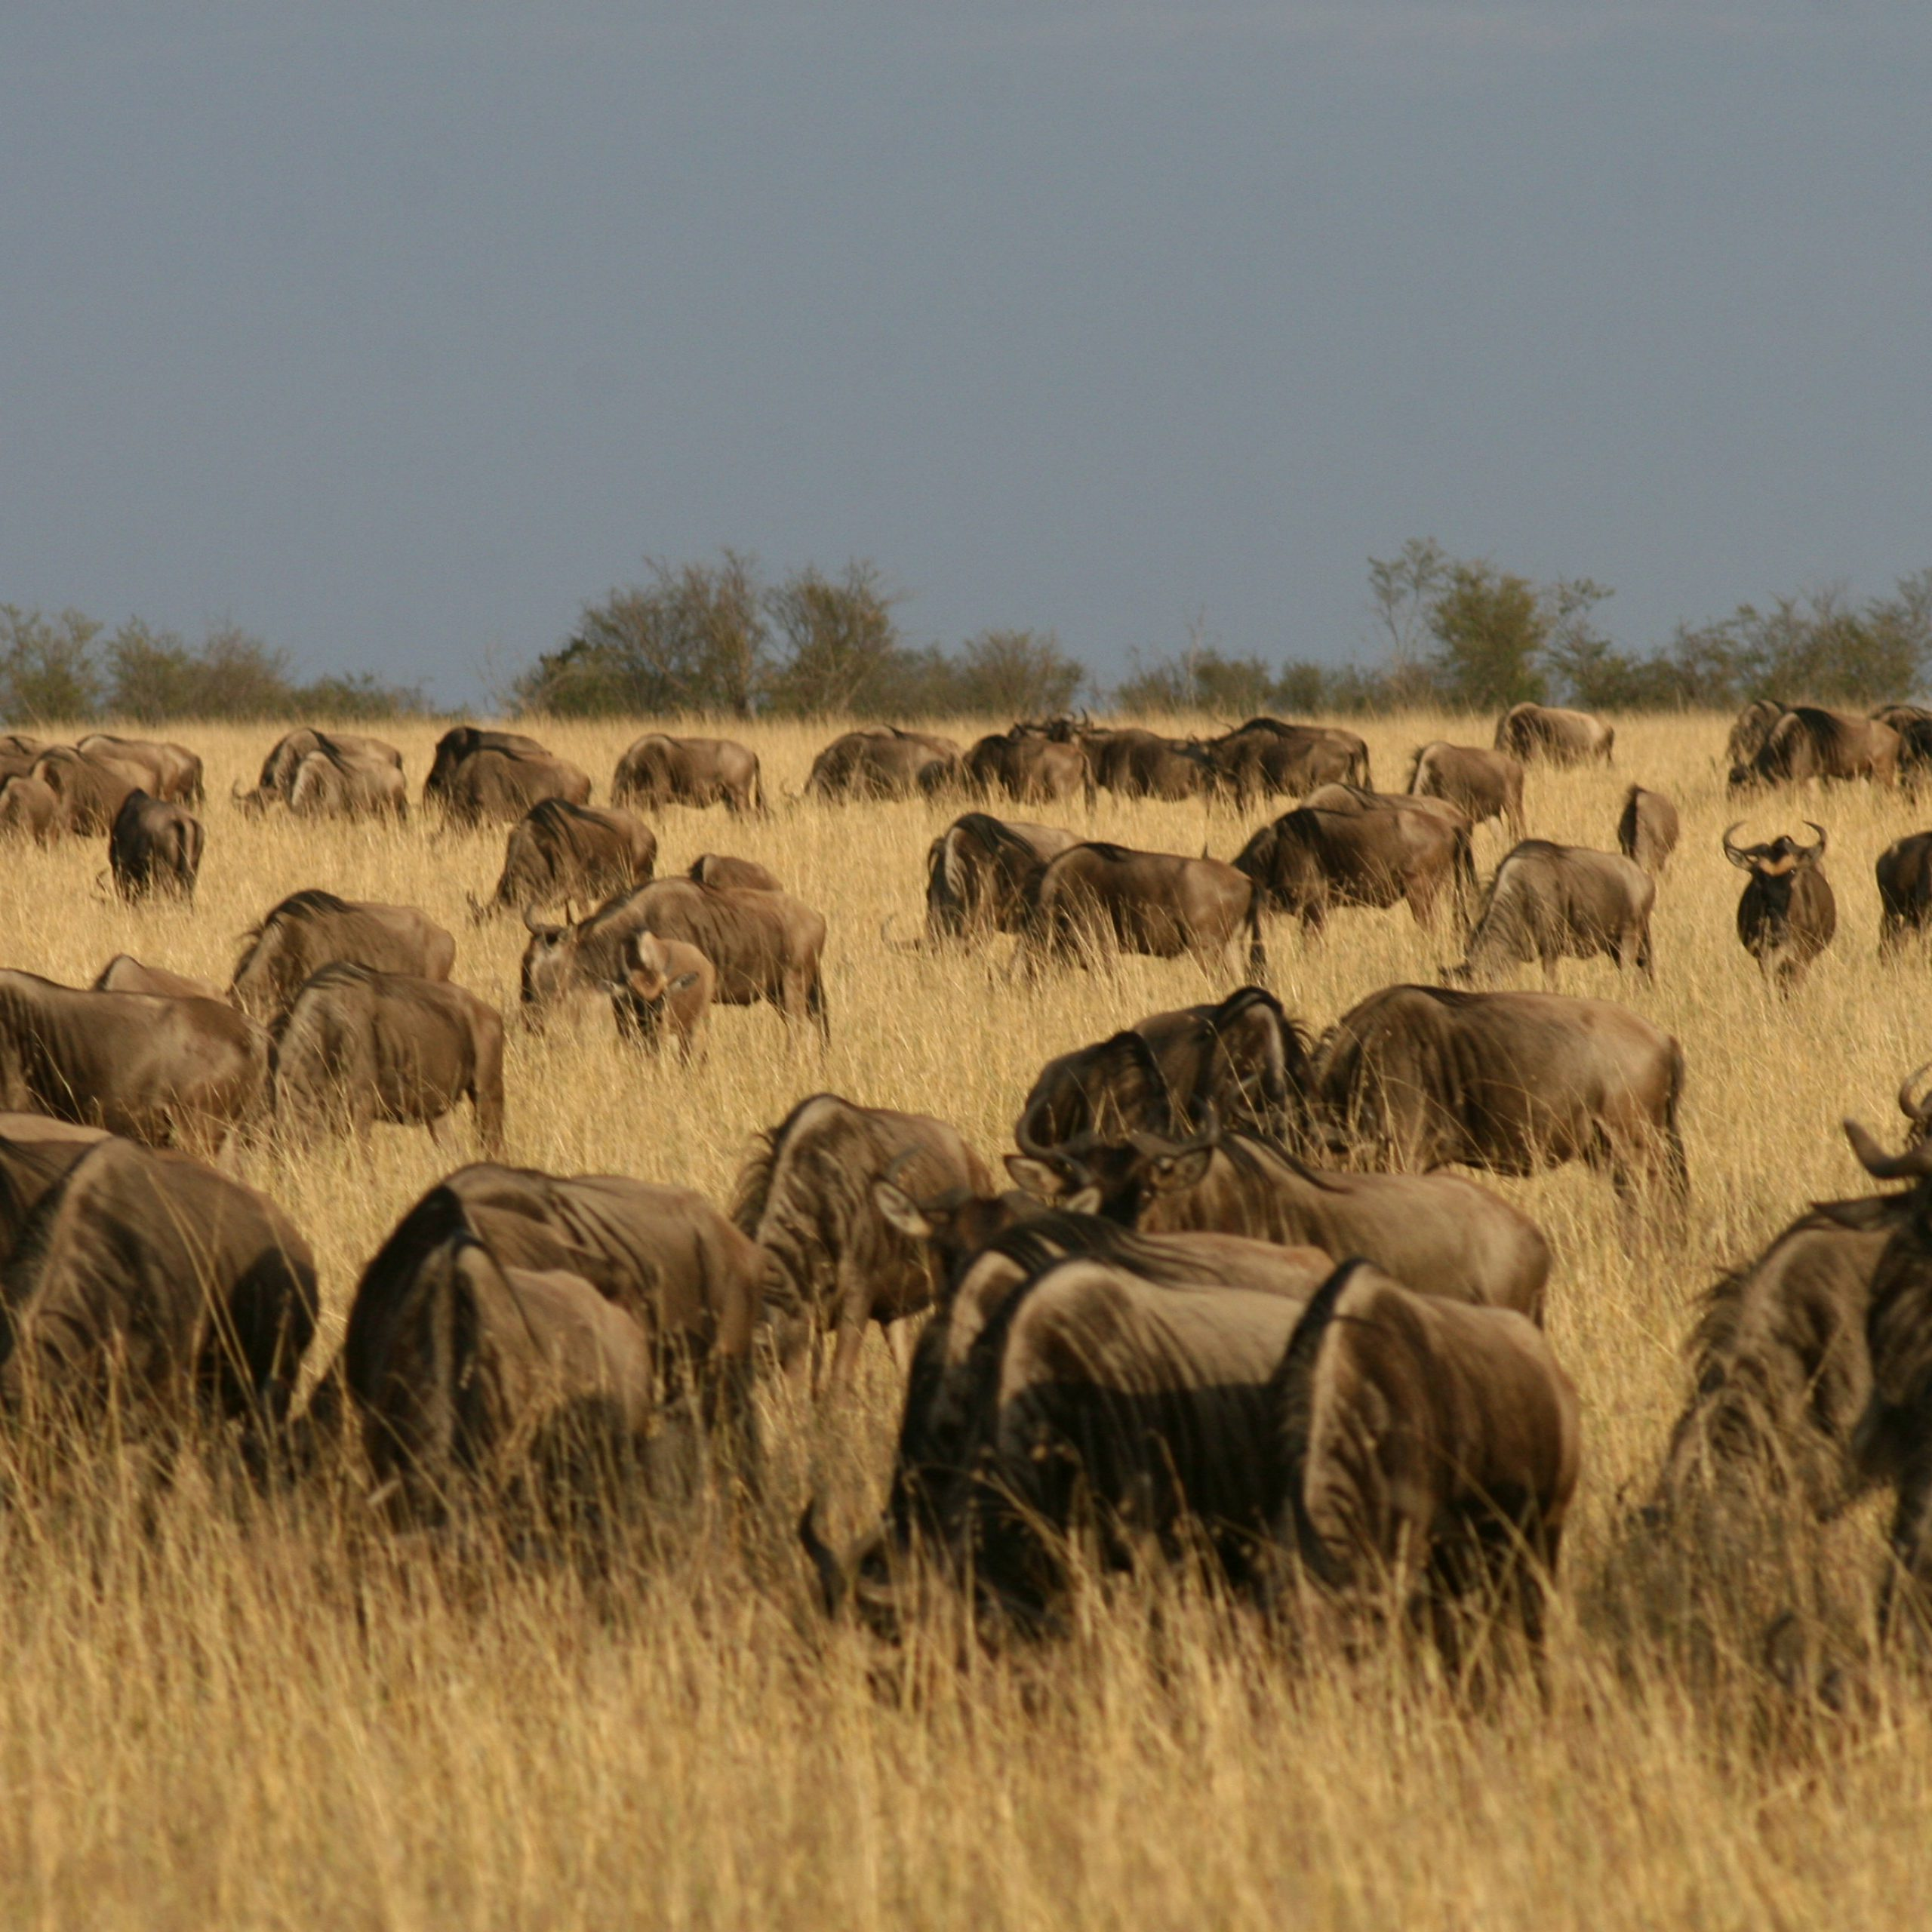 Day 4: Naivasha to Maasai Mara